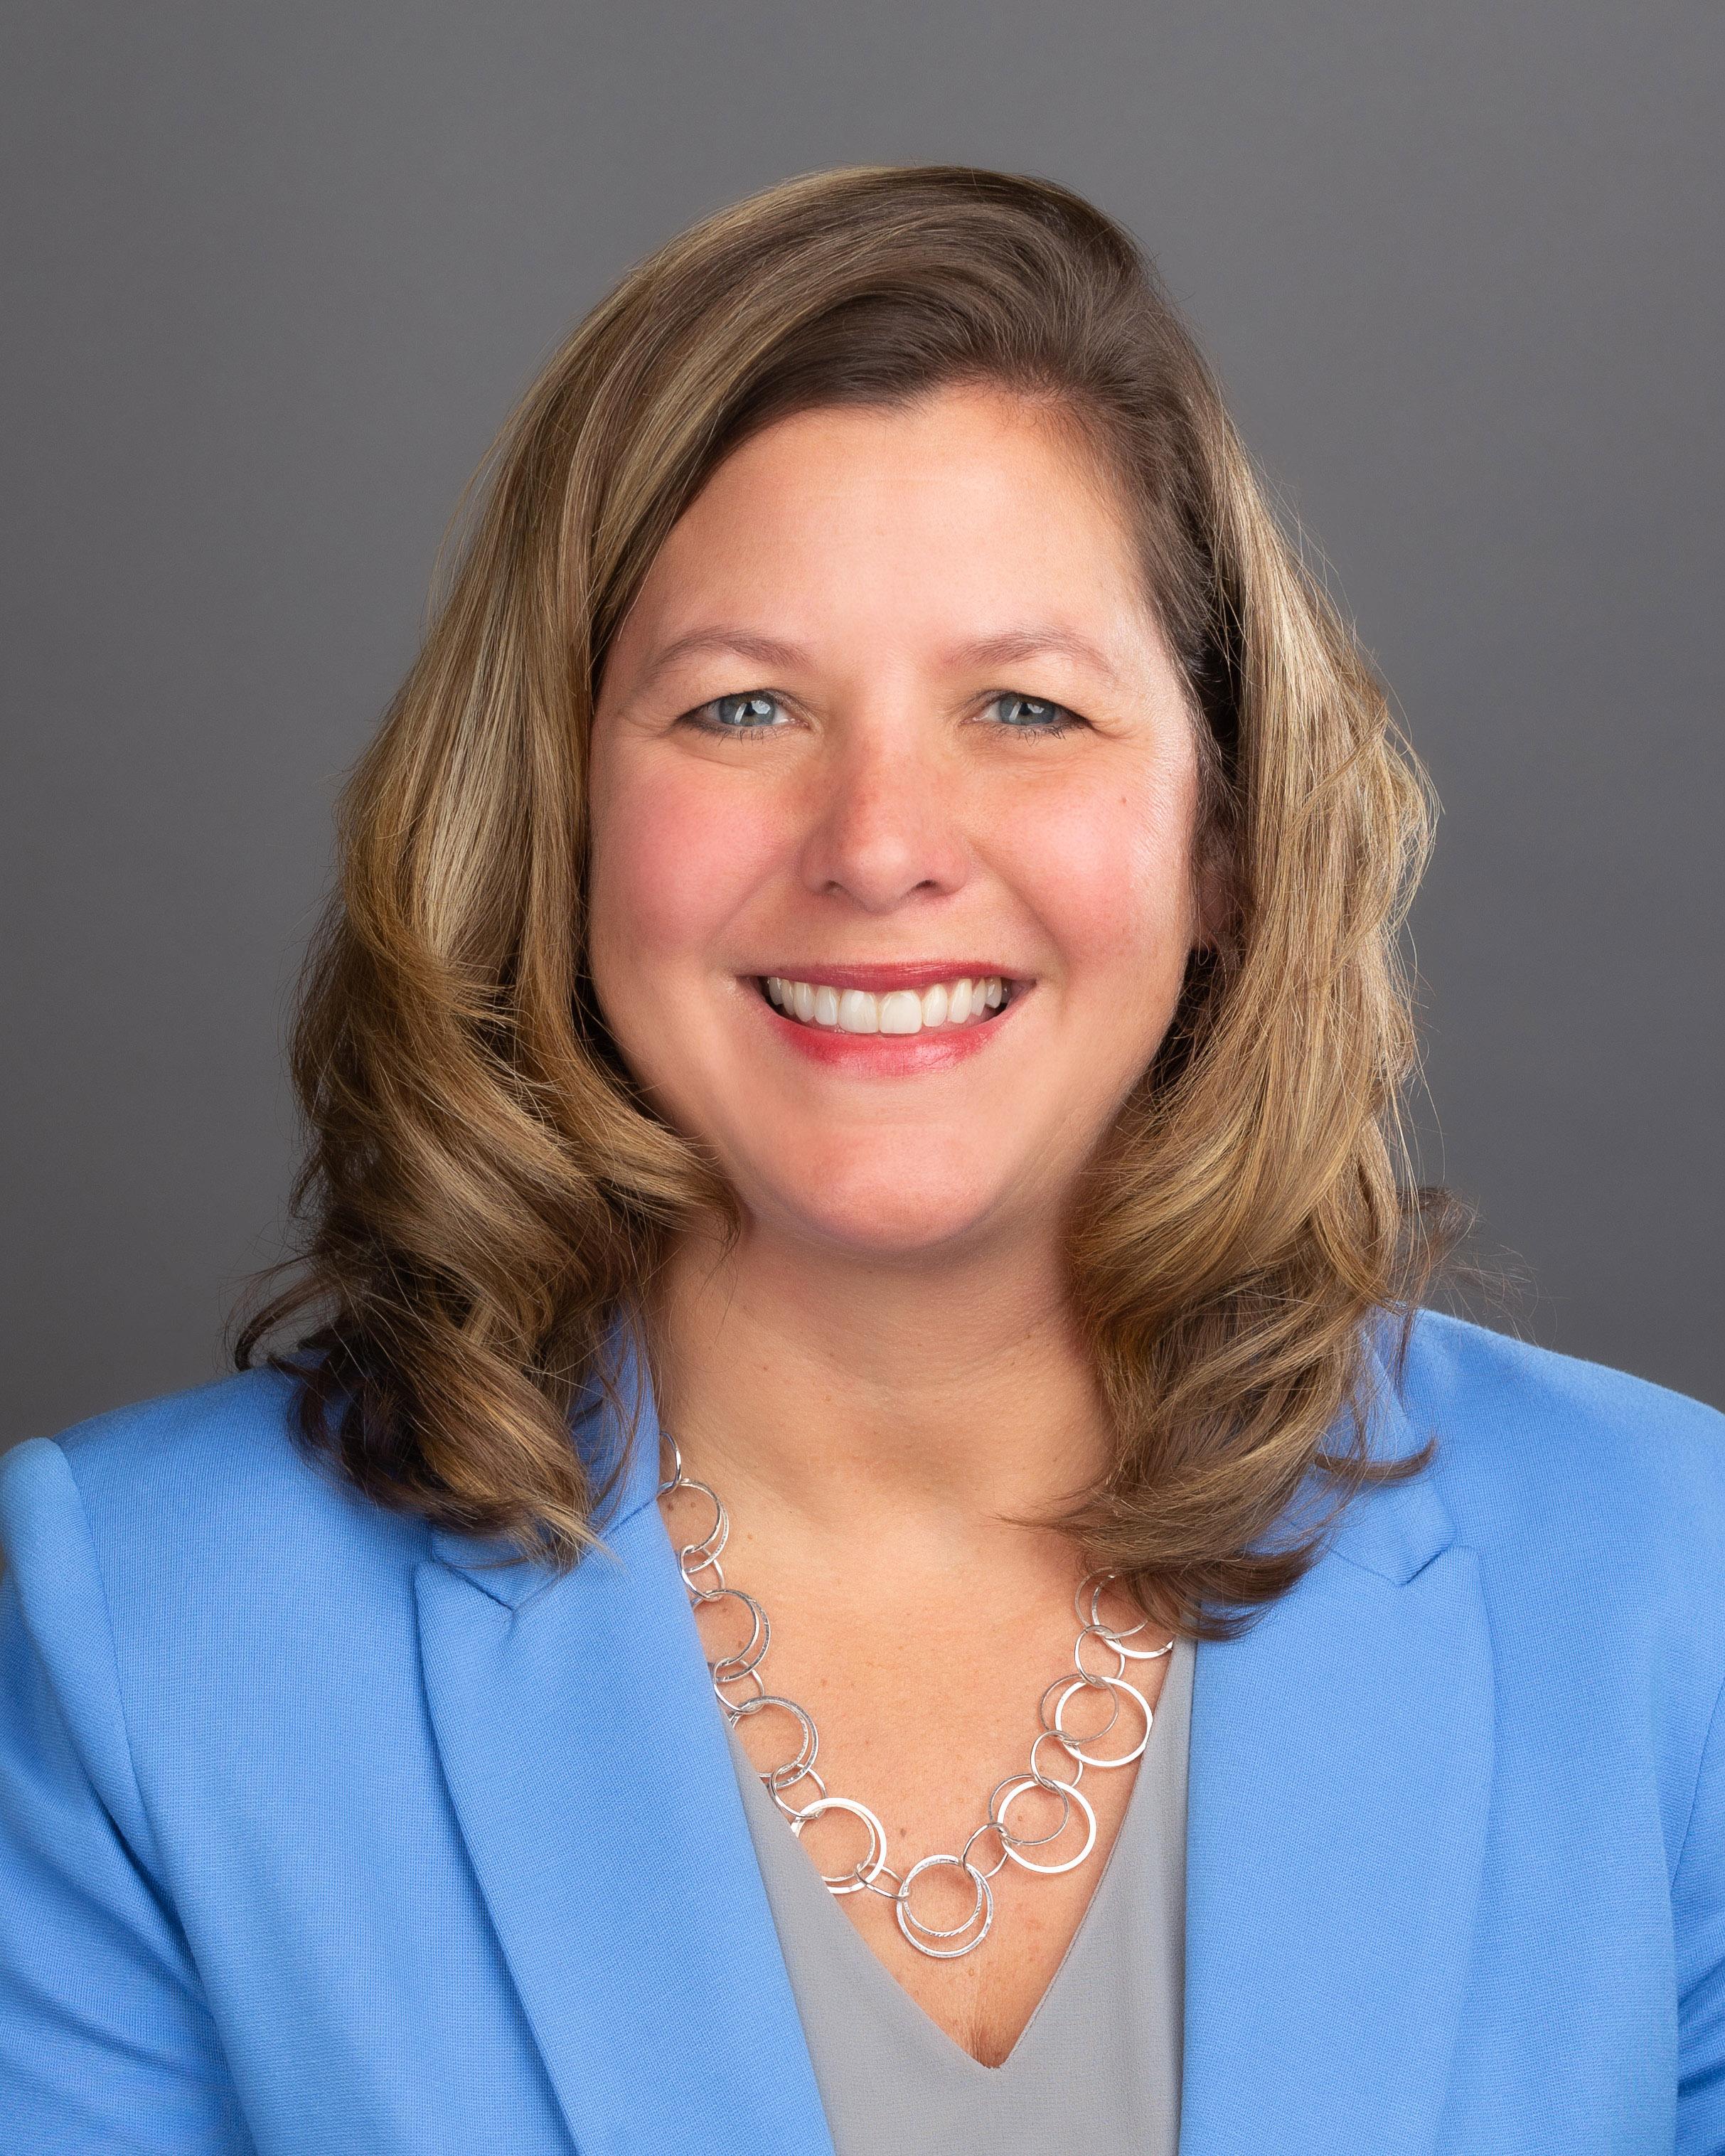 Lori Dunn